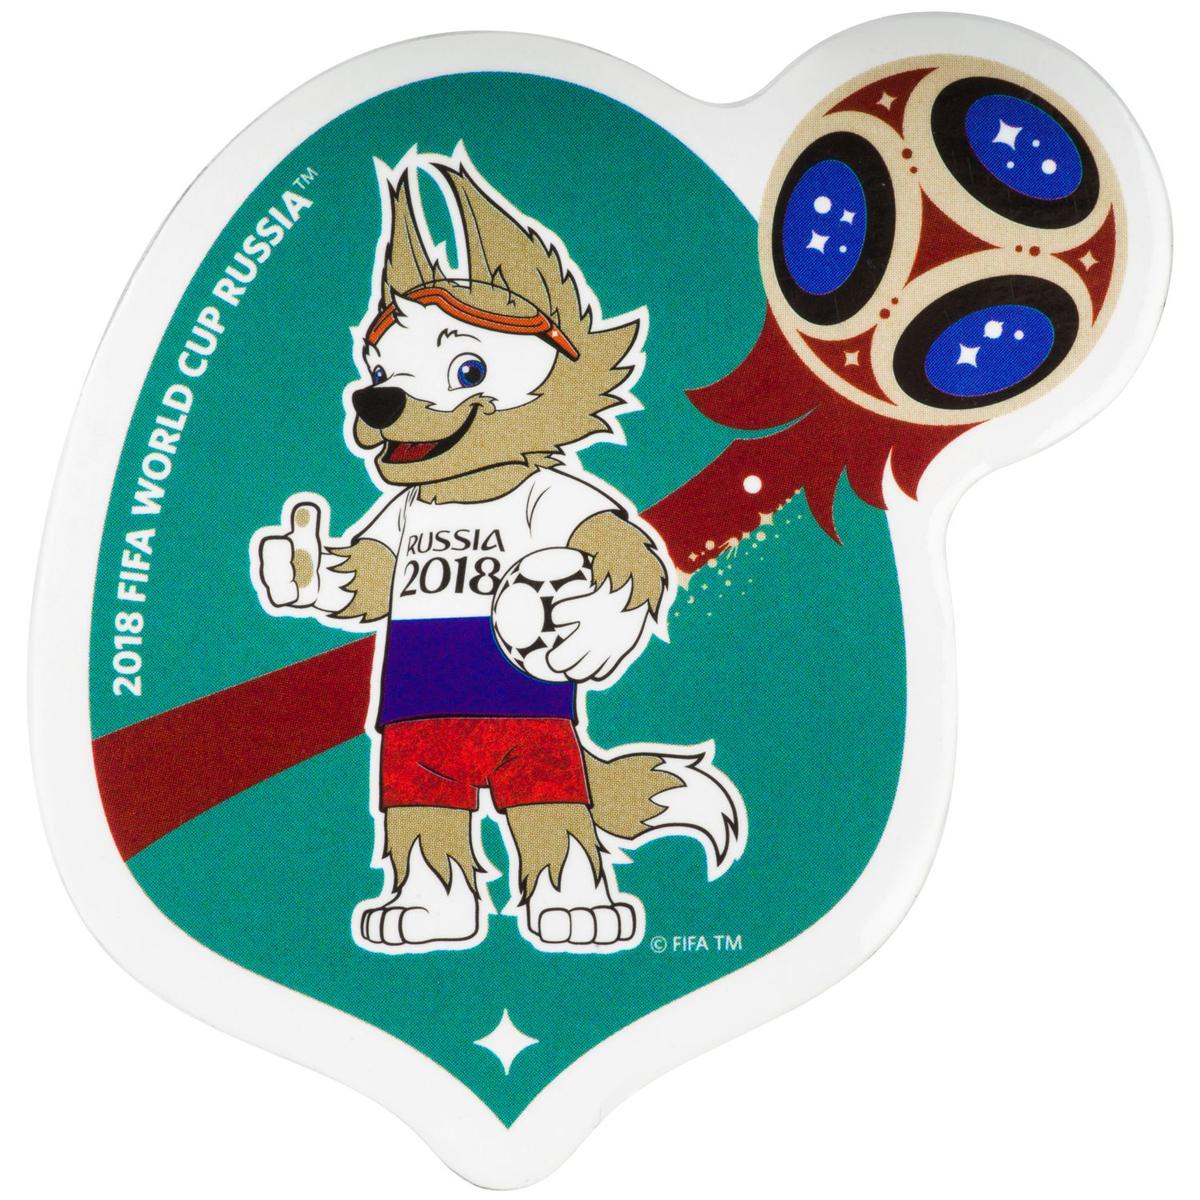 Магнит сувенирный FIFA 2018 Забивака Россия, 8 х 11 см. СН528 магнит fifa 2018 россия пвх